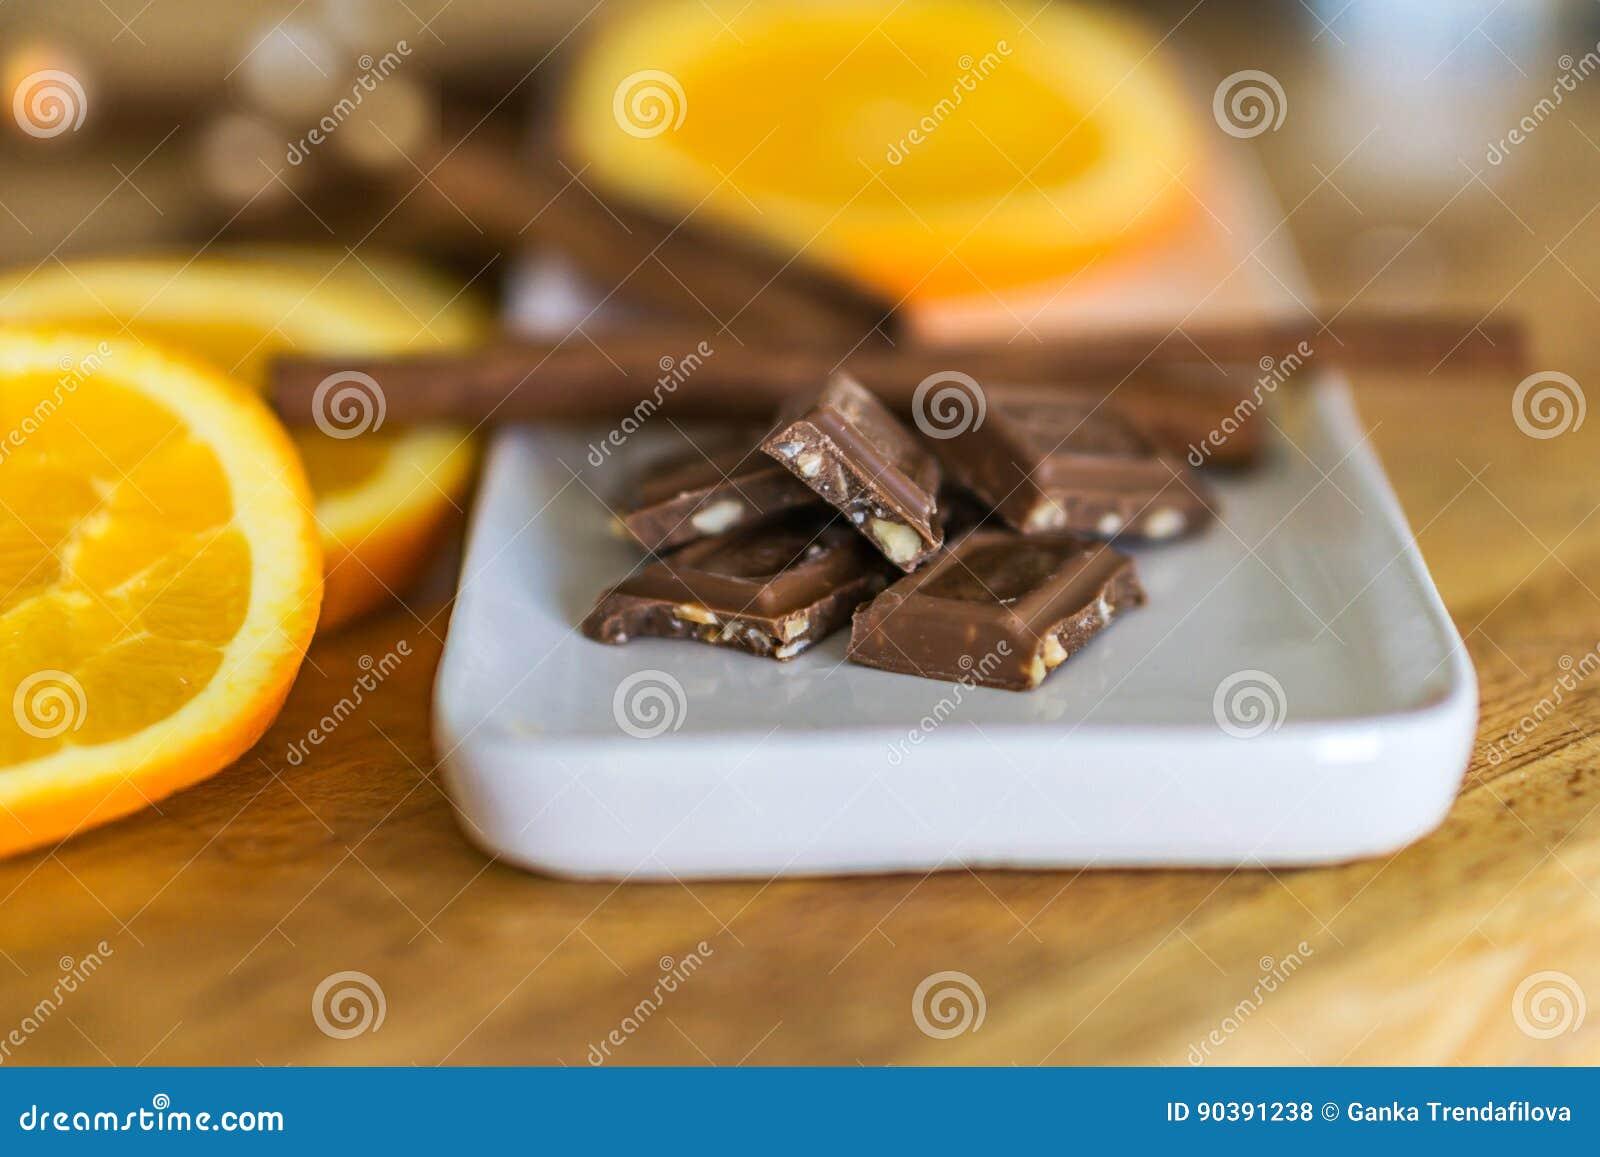 Nahaufnahme von Stücken, Milchschokolade mit zerquetscht, briet Mandel